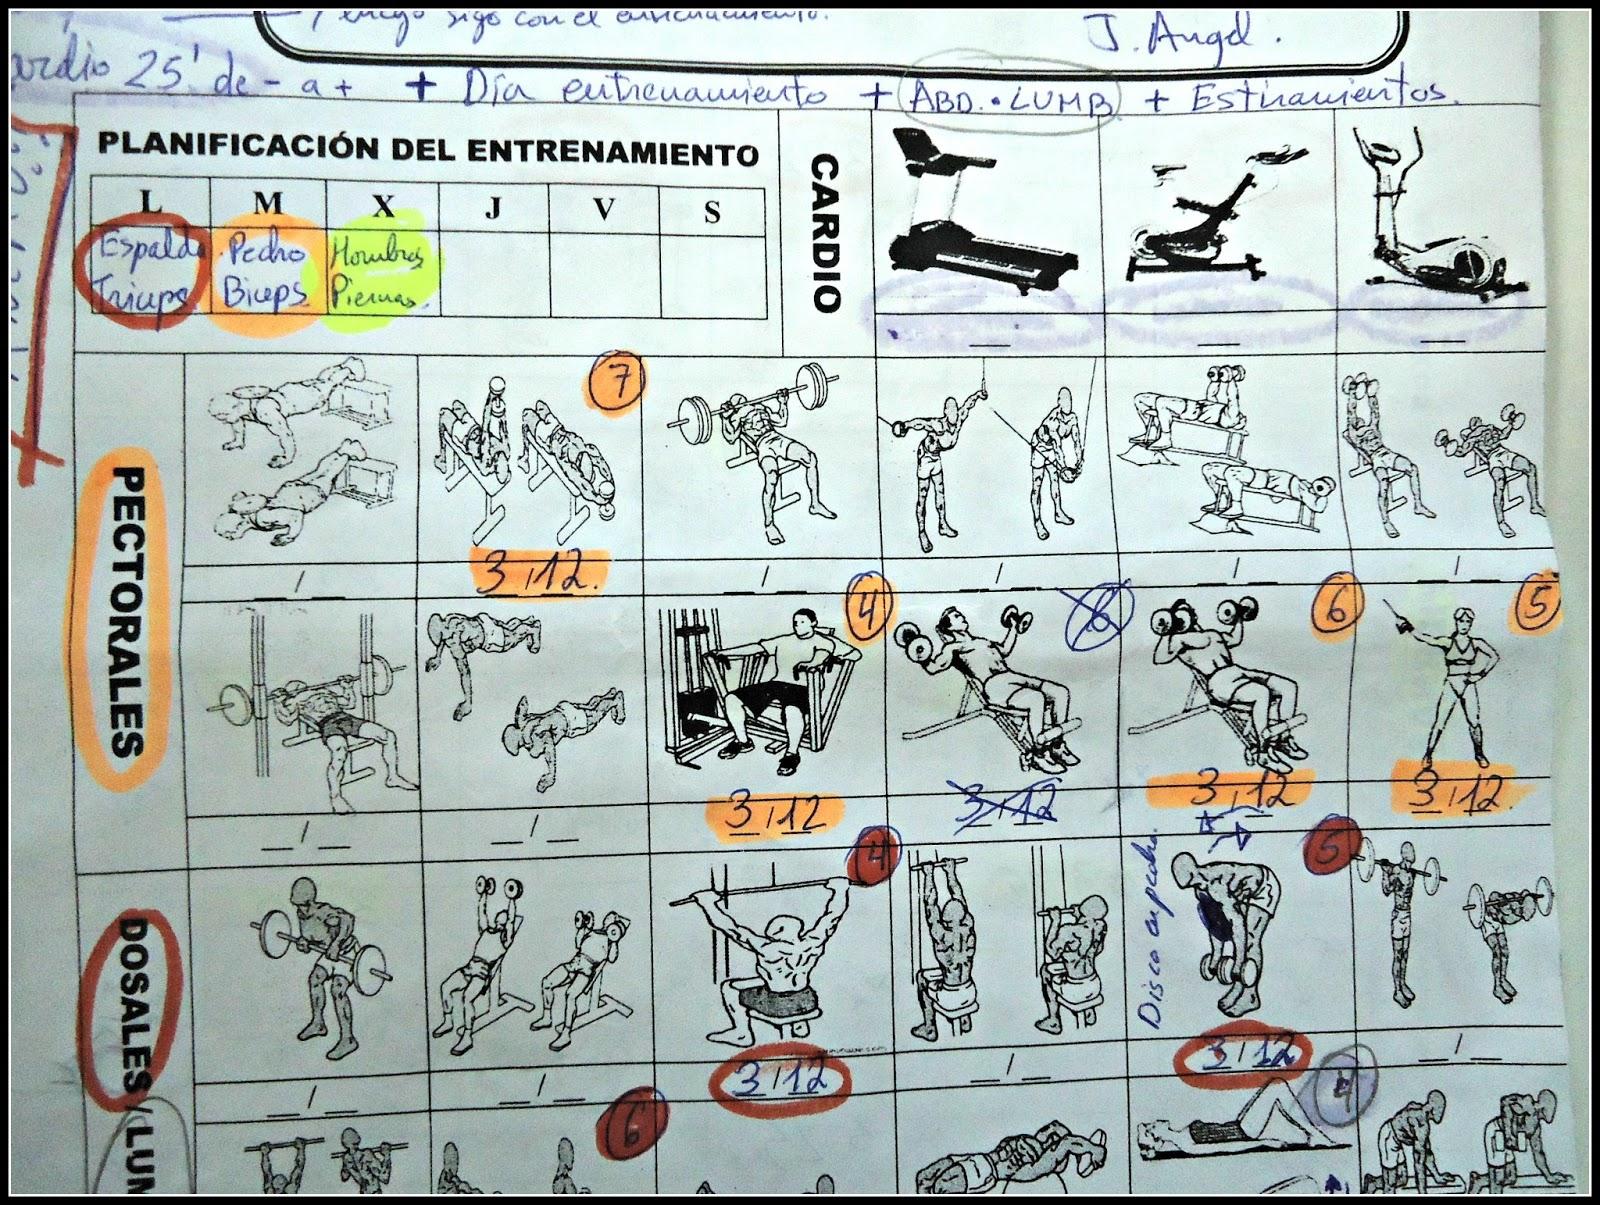 tabla de ejercicios de calentamiento para el gimnasio haz